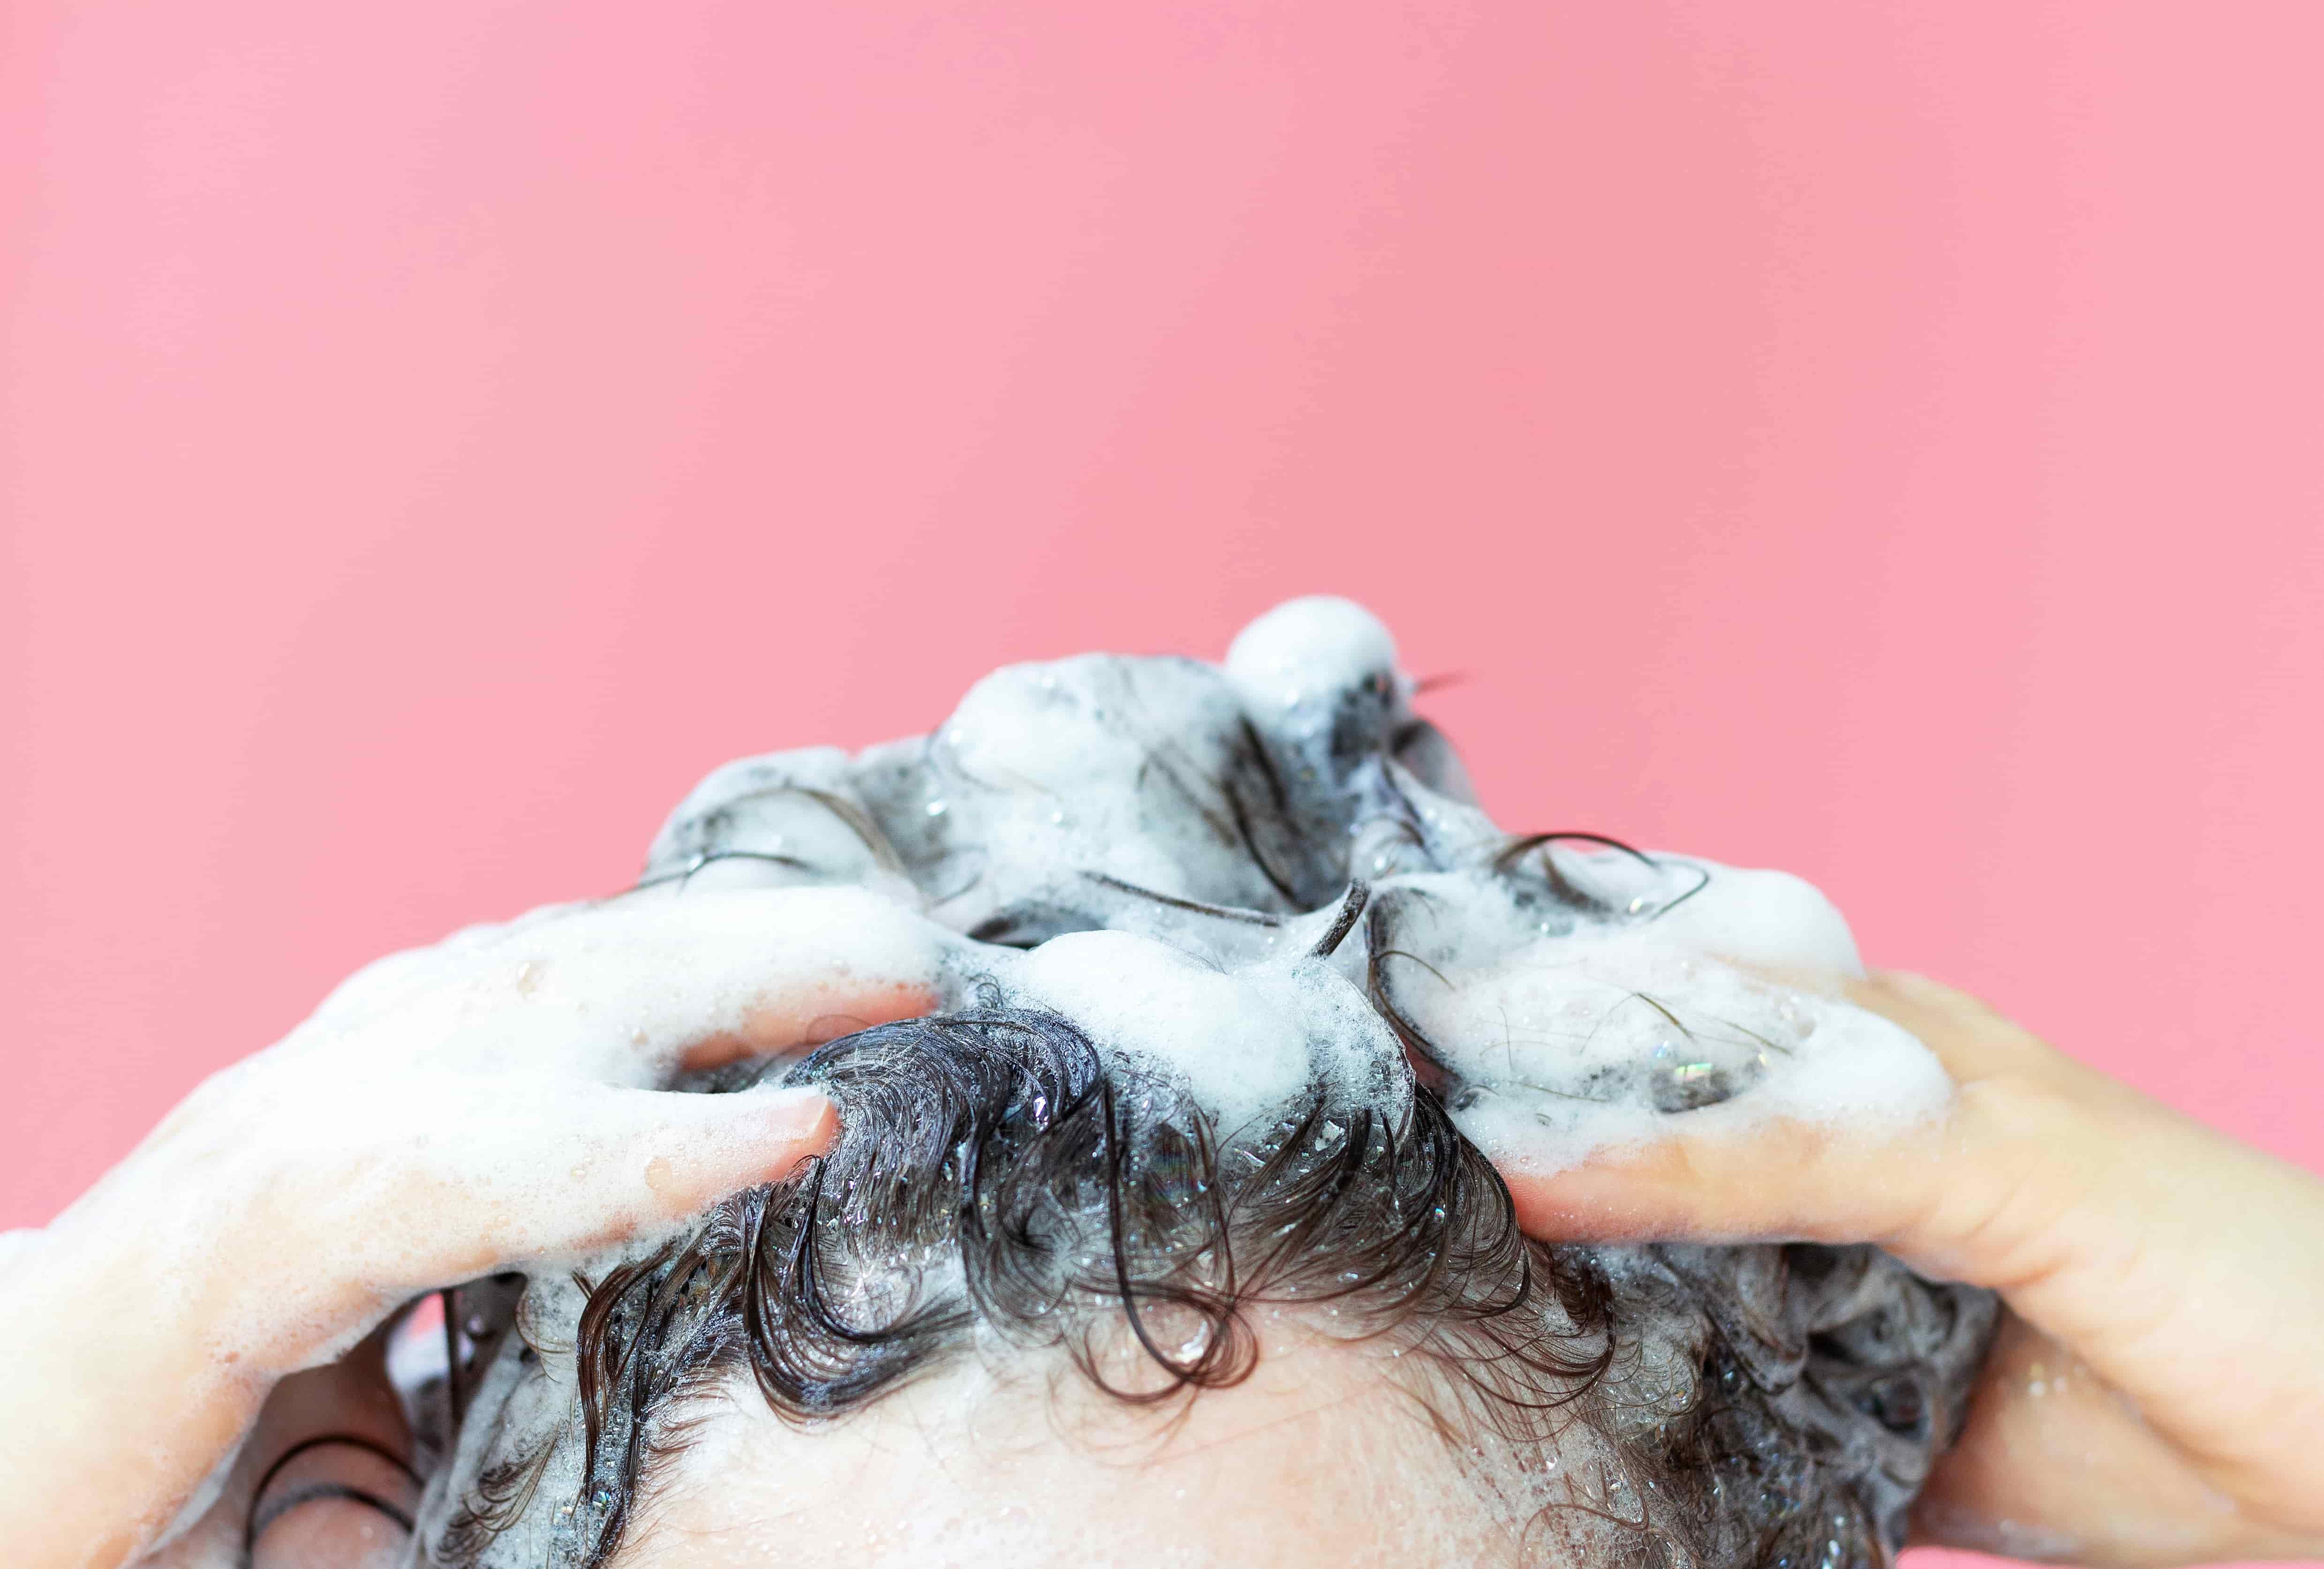 Путаются волосы - причины. Как избавиться от этой проблемы